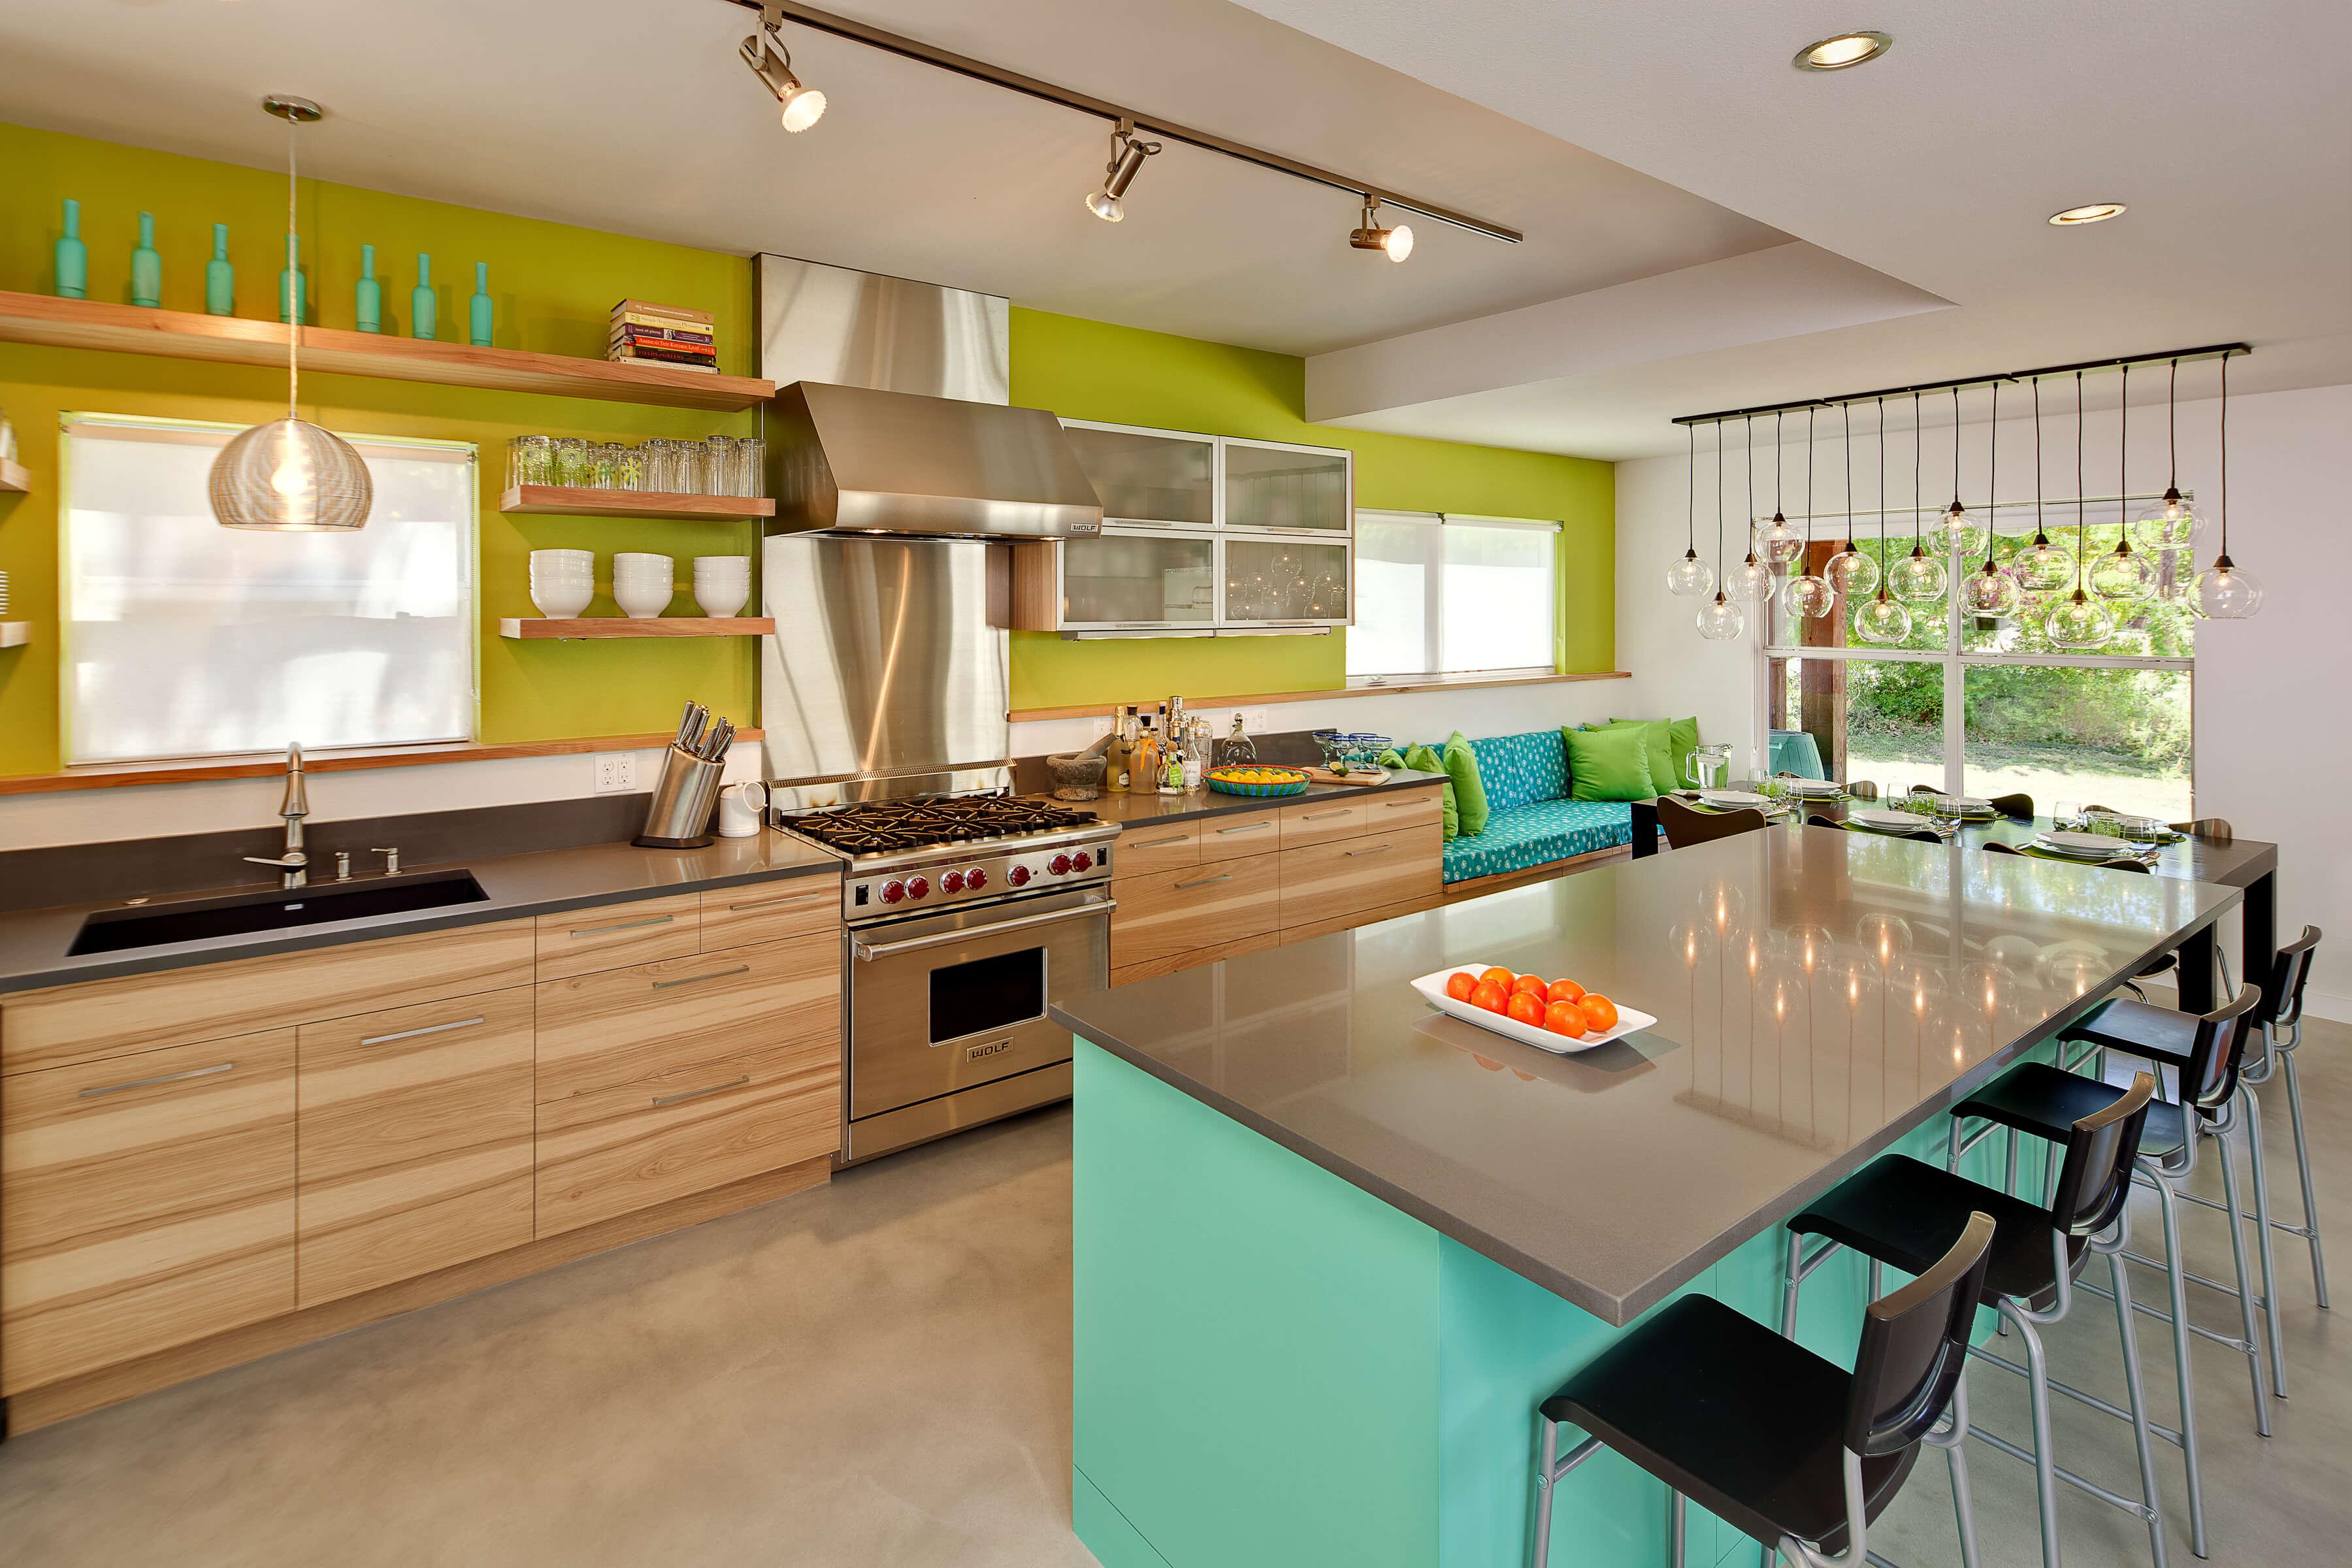 цветовые решения в интерьере кухни